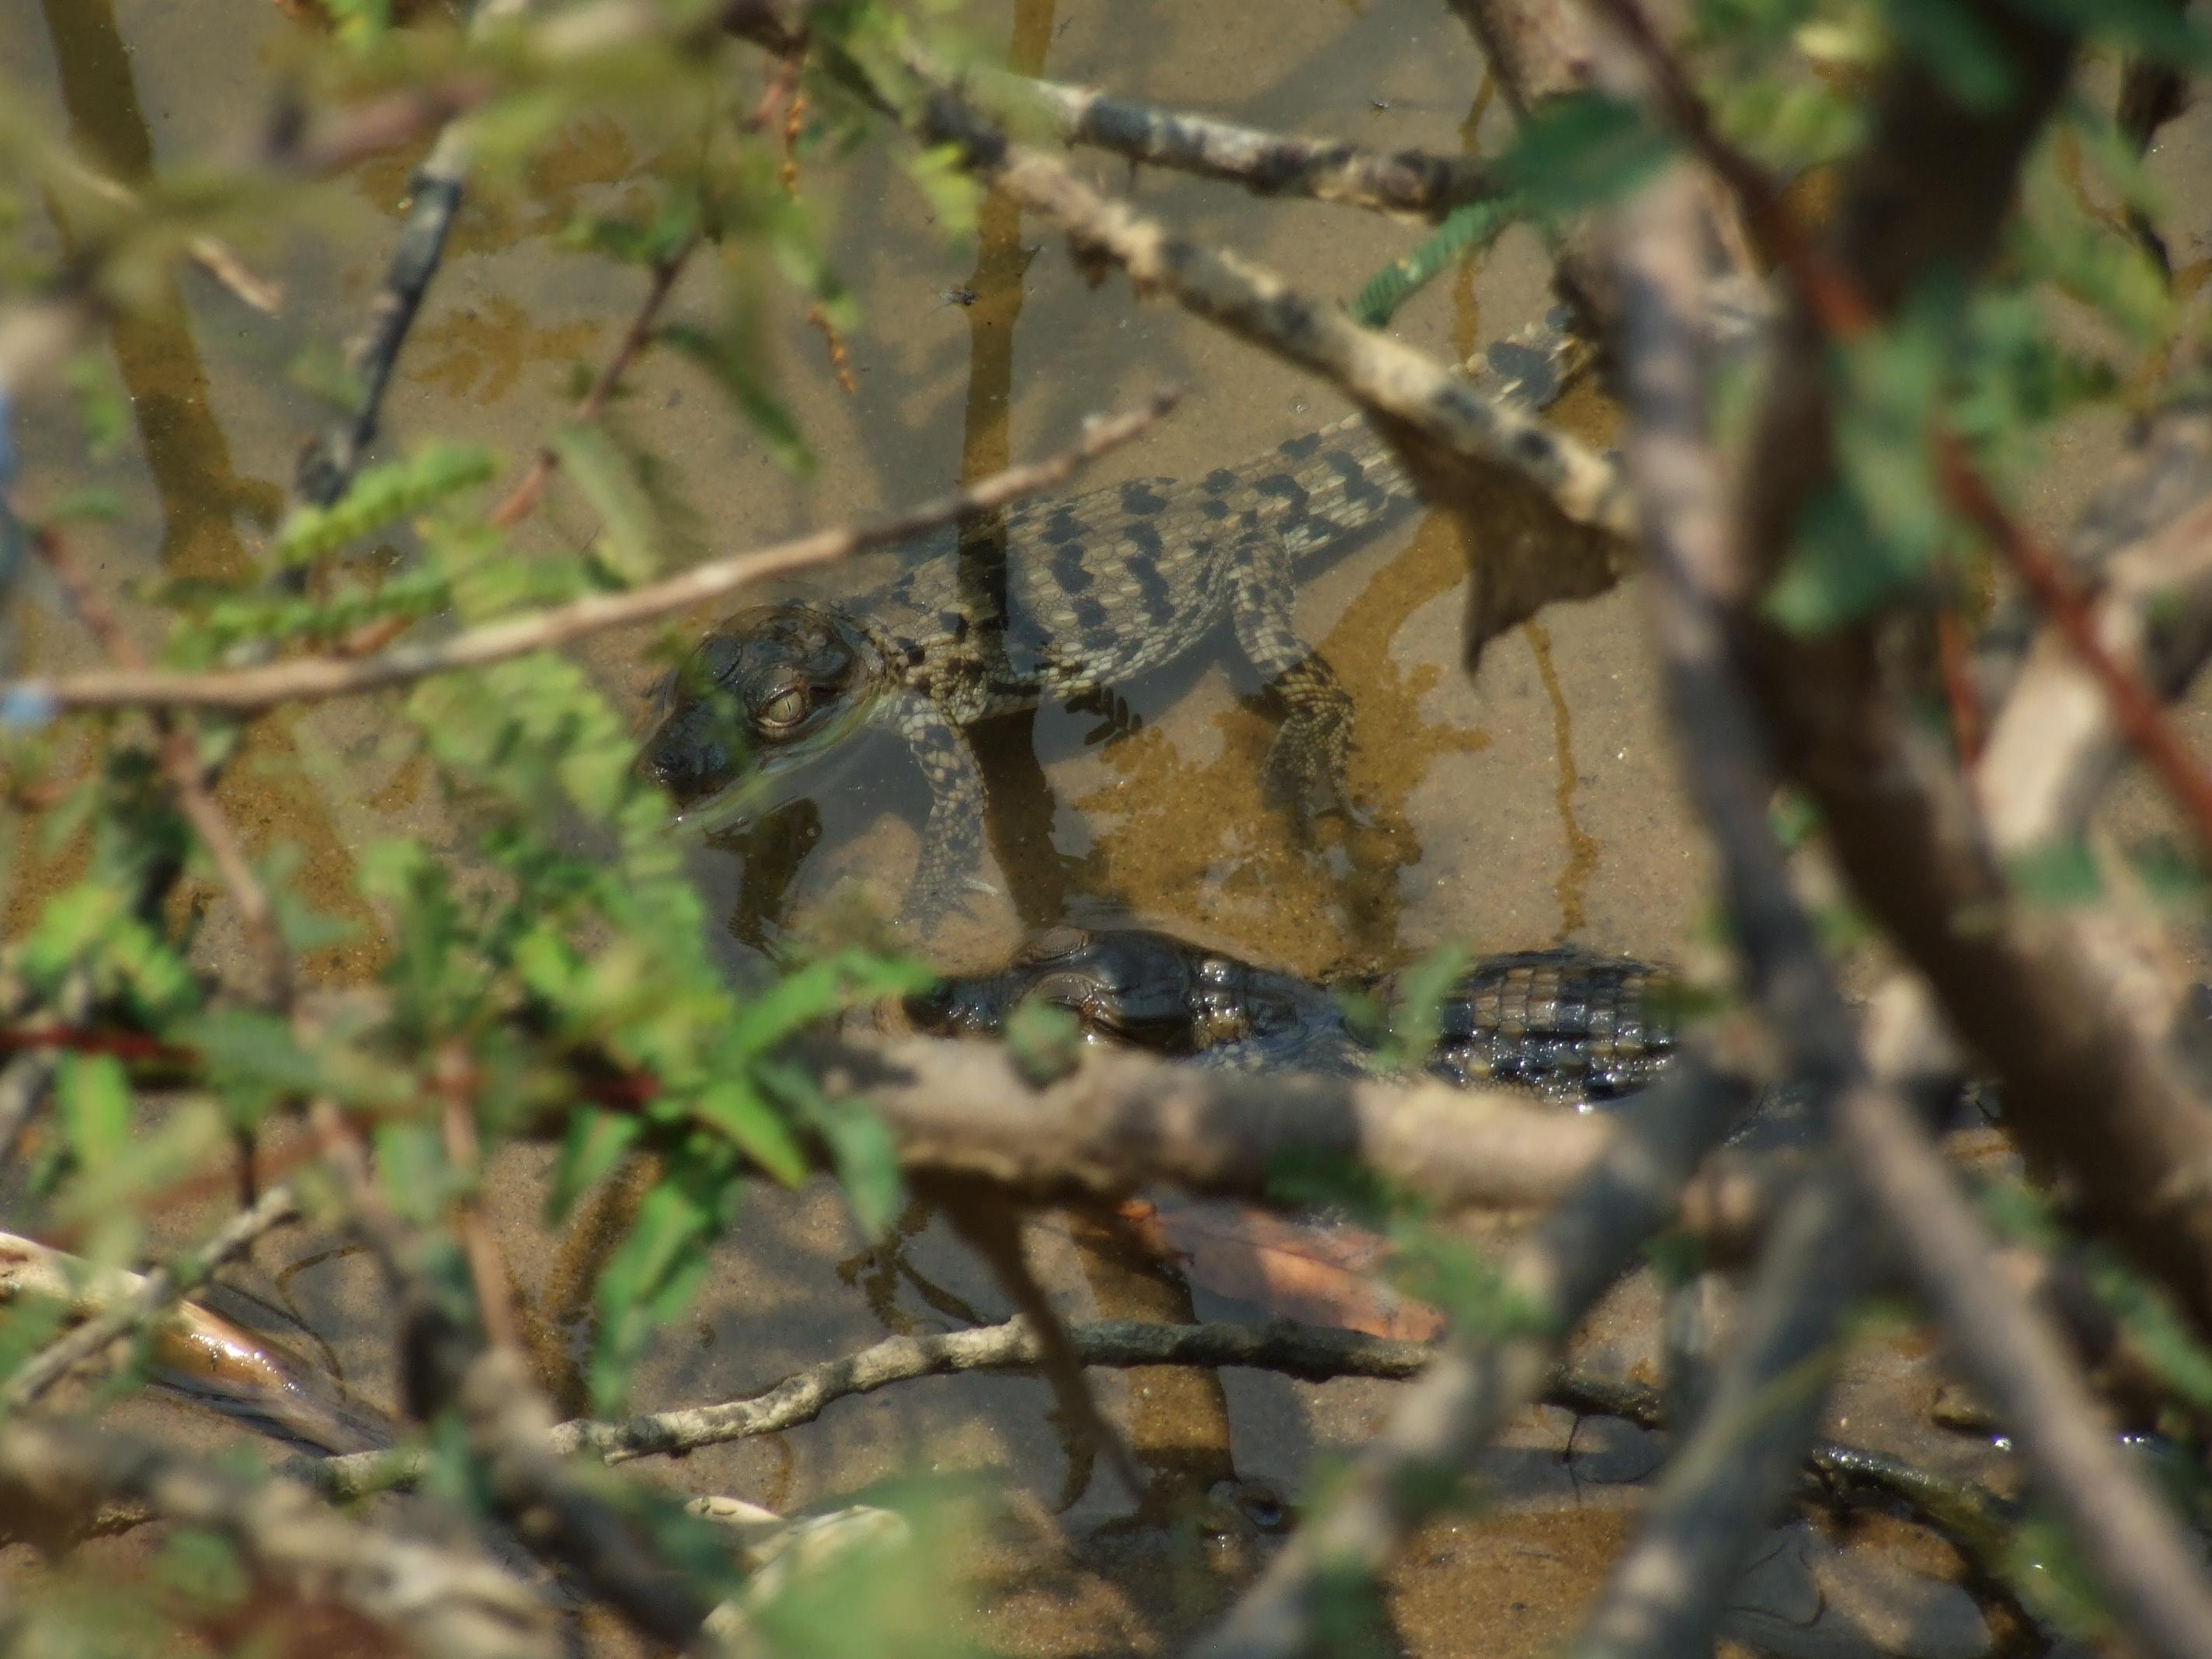 Mugger crocodile hatchlings prefer the cover of riverside vegetation in addition to a protective mother. Credit: Nisarg Prakash